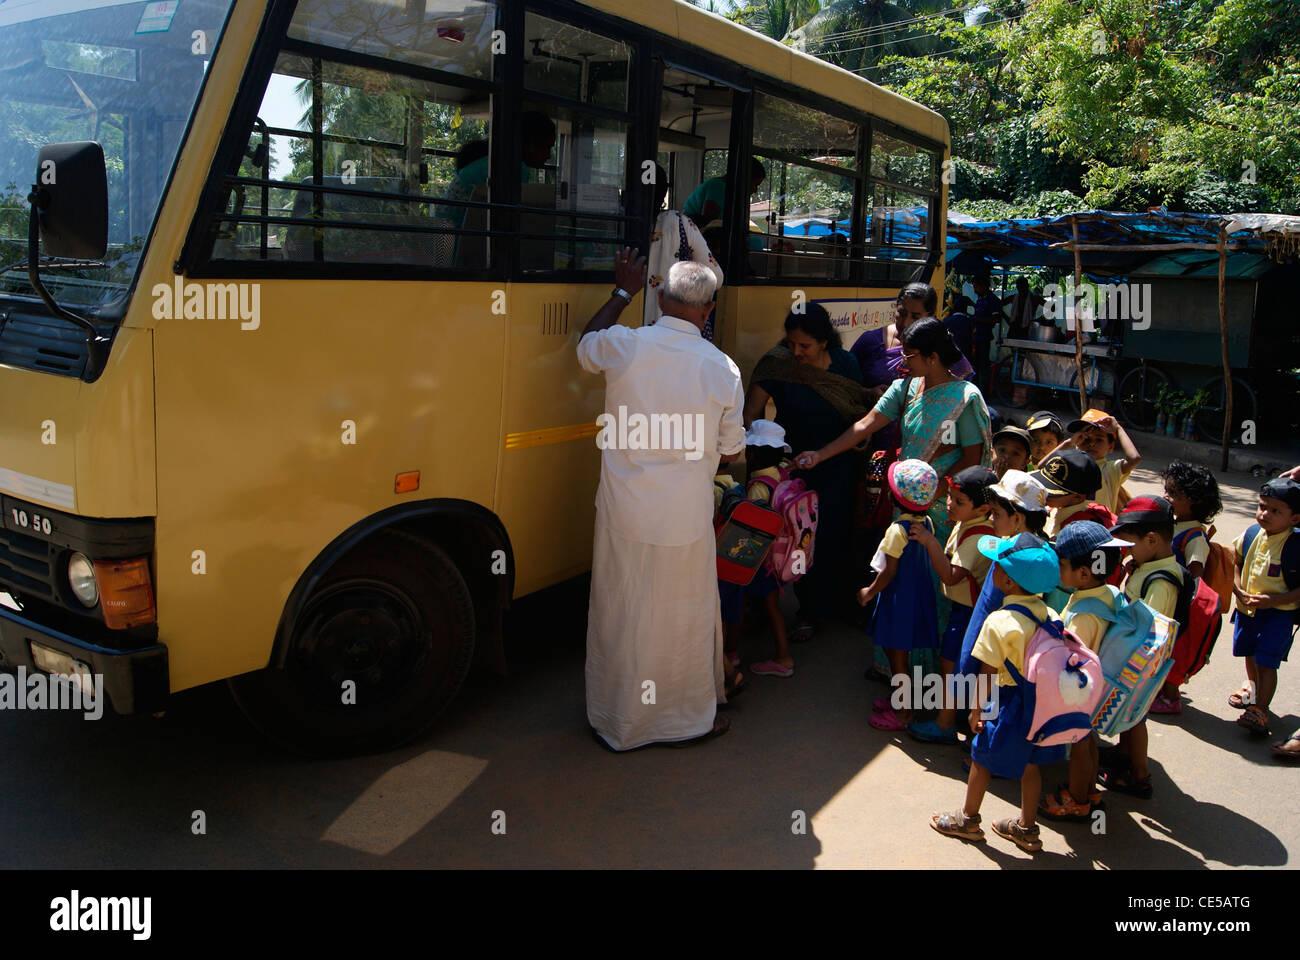 Beaucoup de petits enfants qui entrent à l'école maternelle à l'école et les enseignants d'autobus en les aidant à monter les marches en autobus scolaire. Banque D'Images